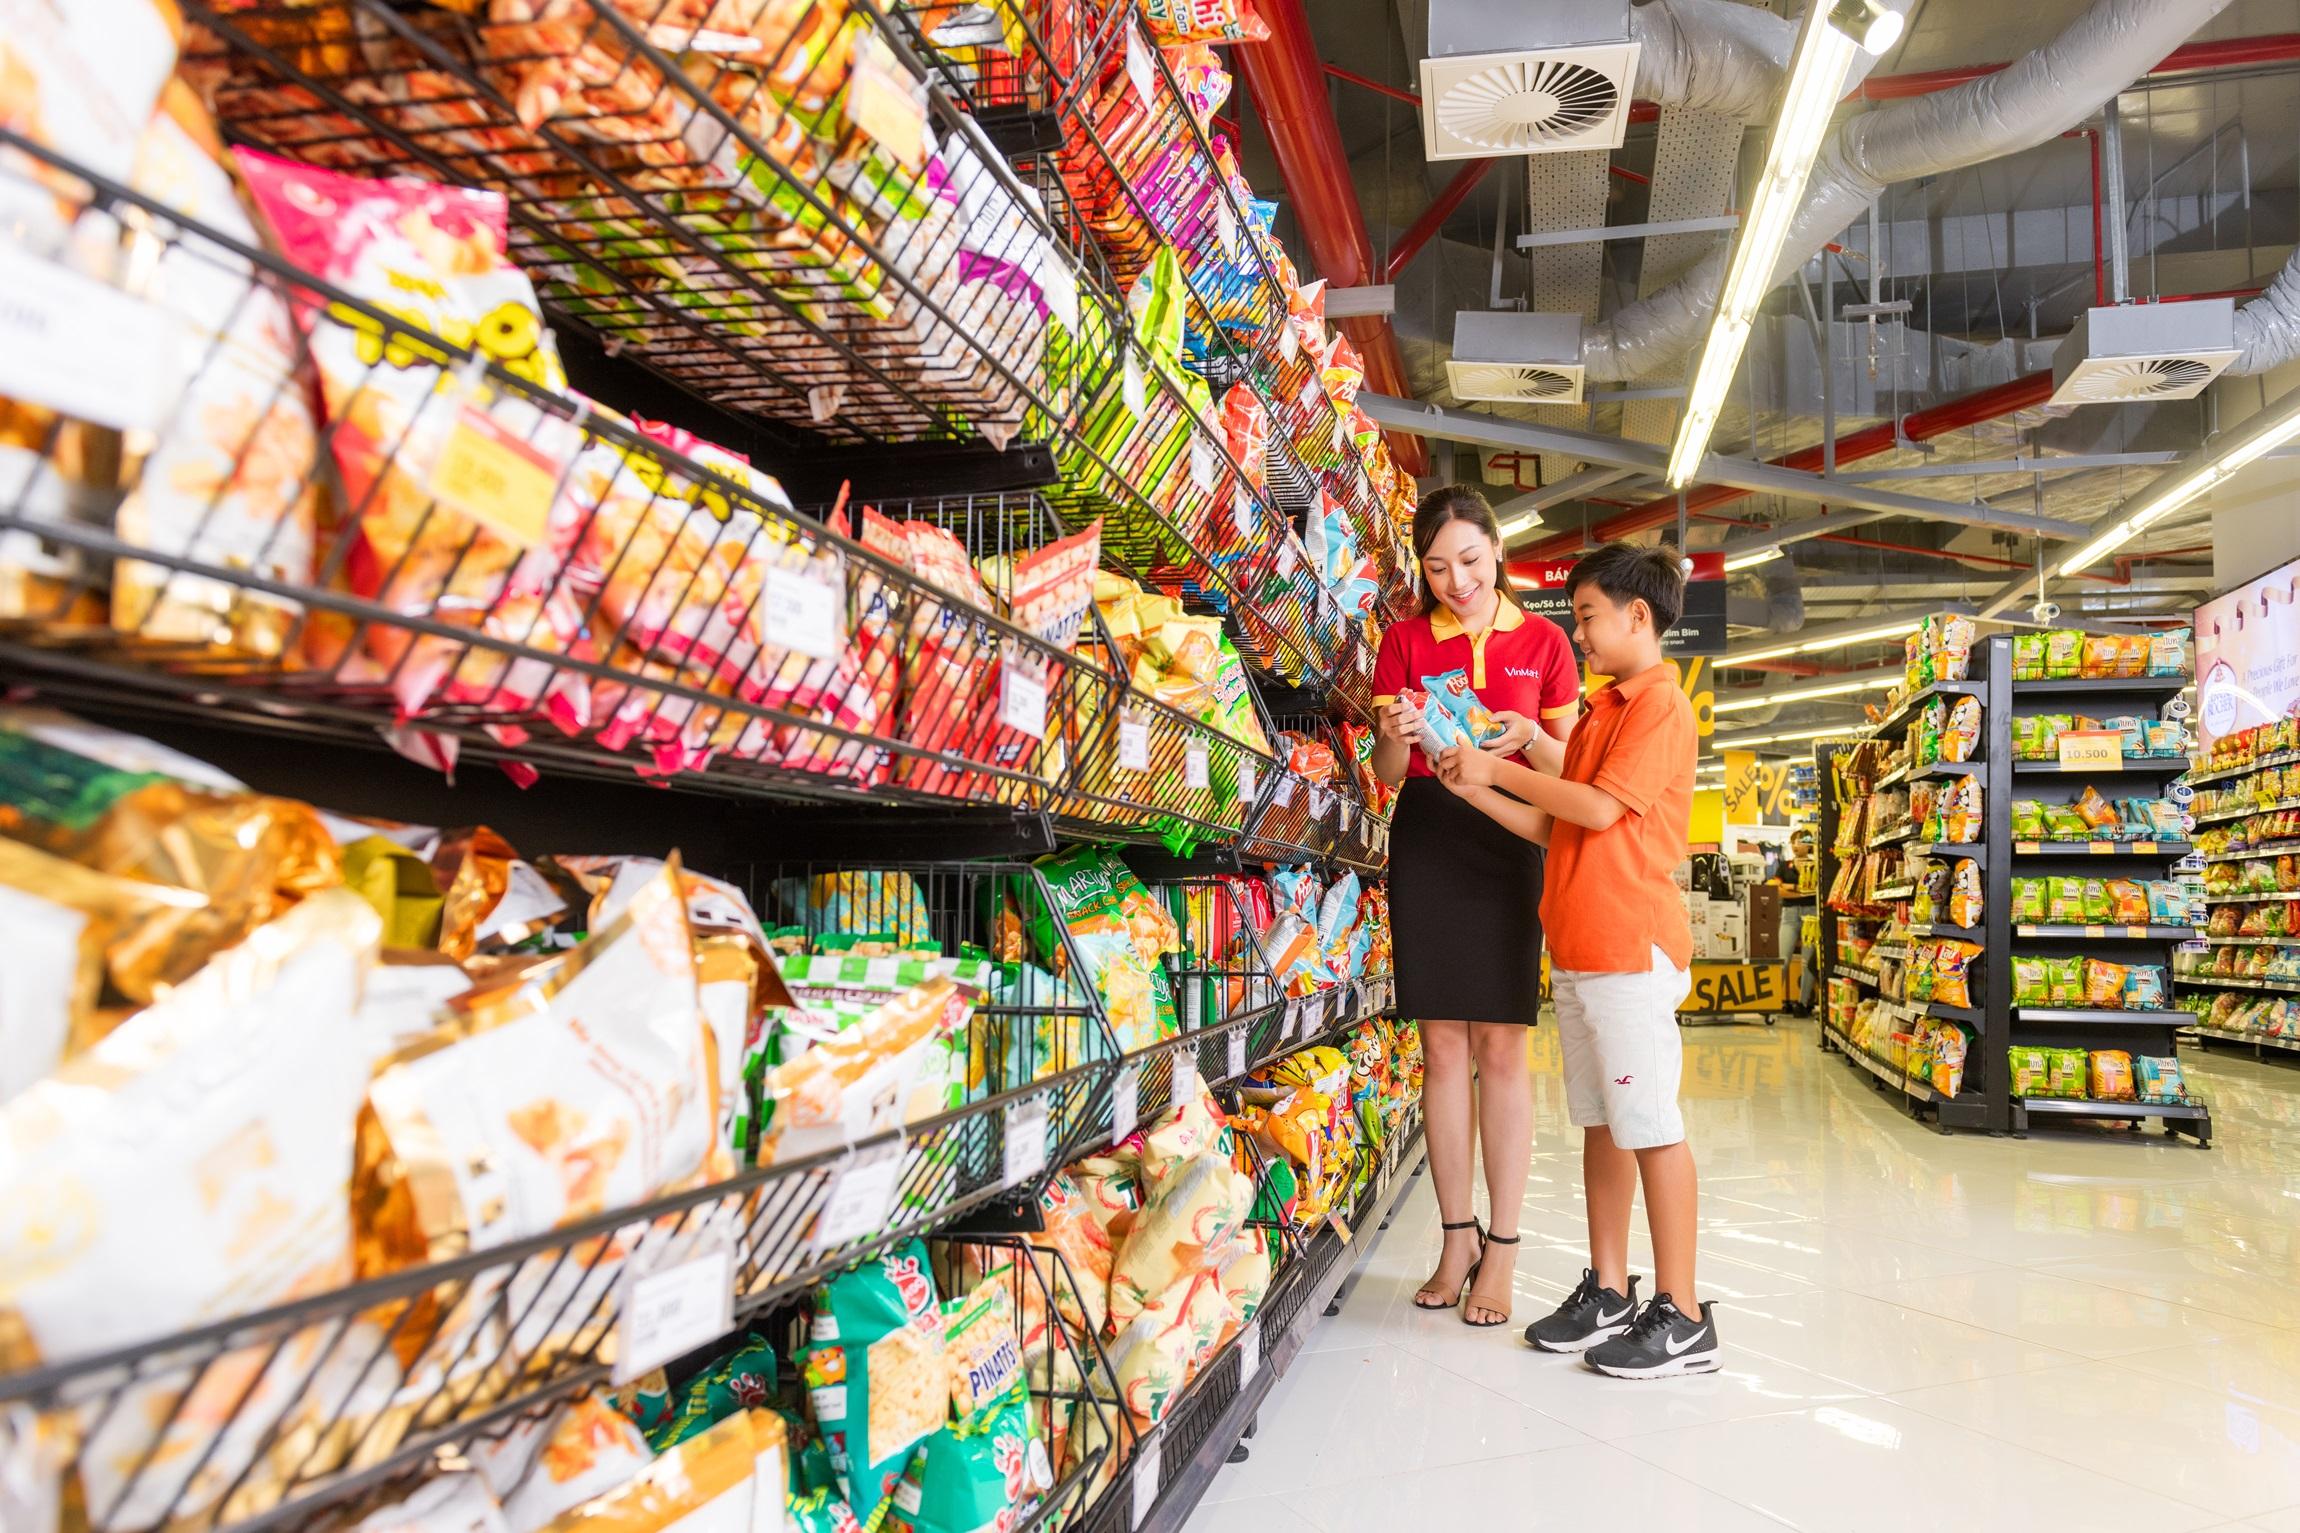 Chặng đường 2020-2030 của Masan bắt đầu bằng việc sáp nhập VinCommerce để thành lập The CrownX, thực hiện hóa mục tiêu thành tập đoàn tiêu dùng, bán lẻ hàng đầu Việt Nam.